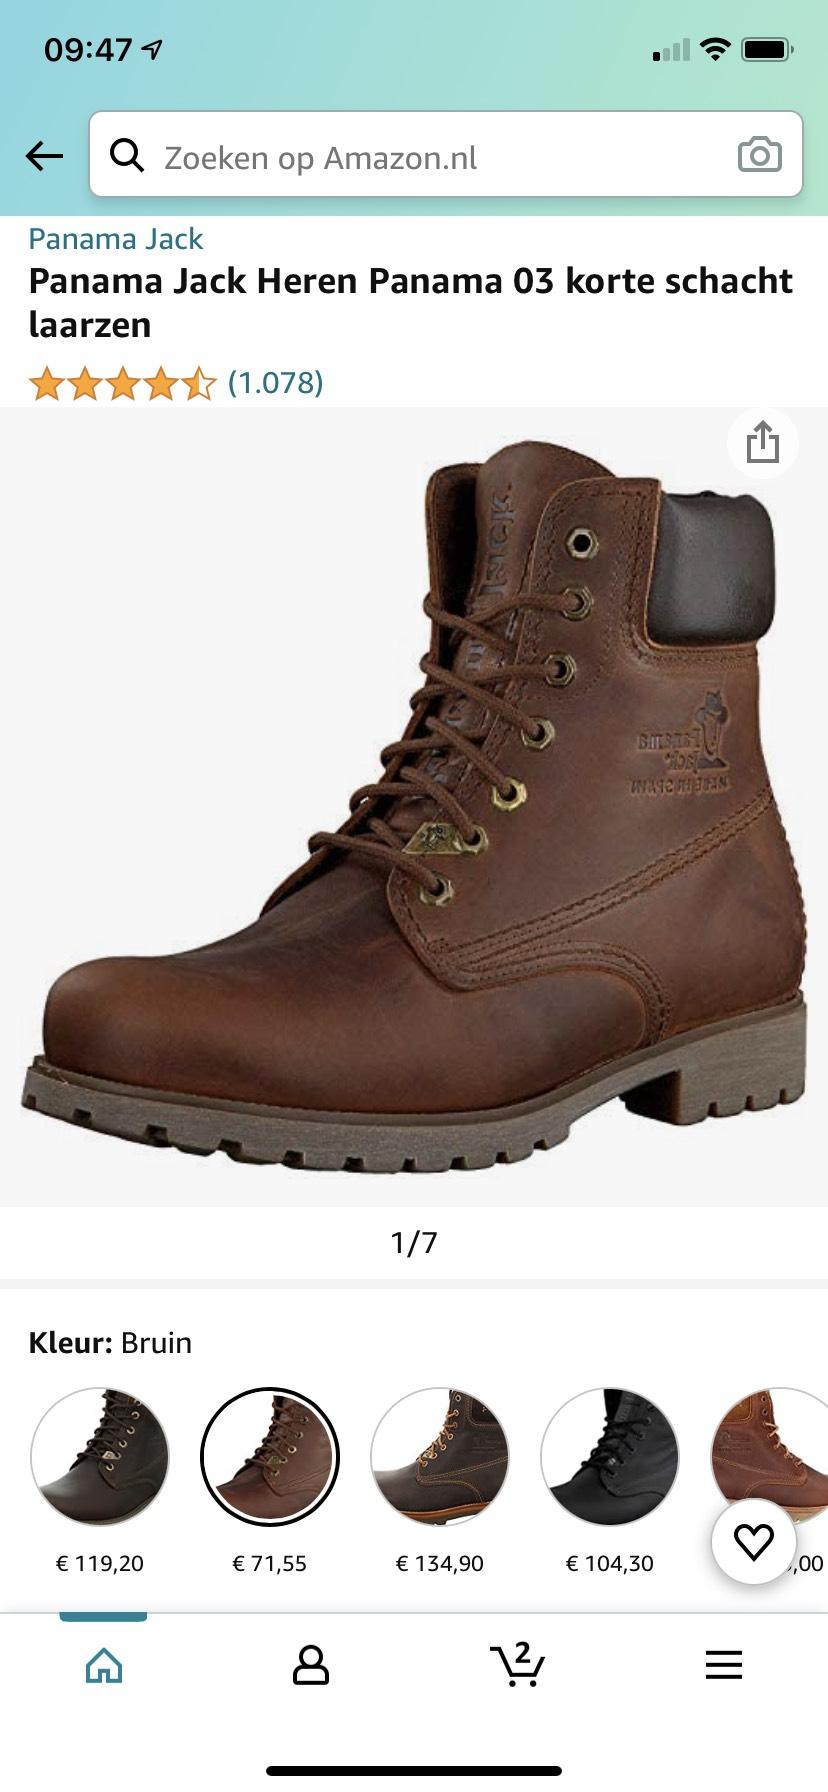 Panama Jack 03 boots voor heren